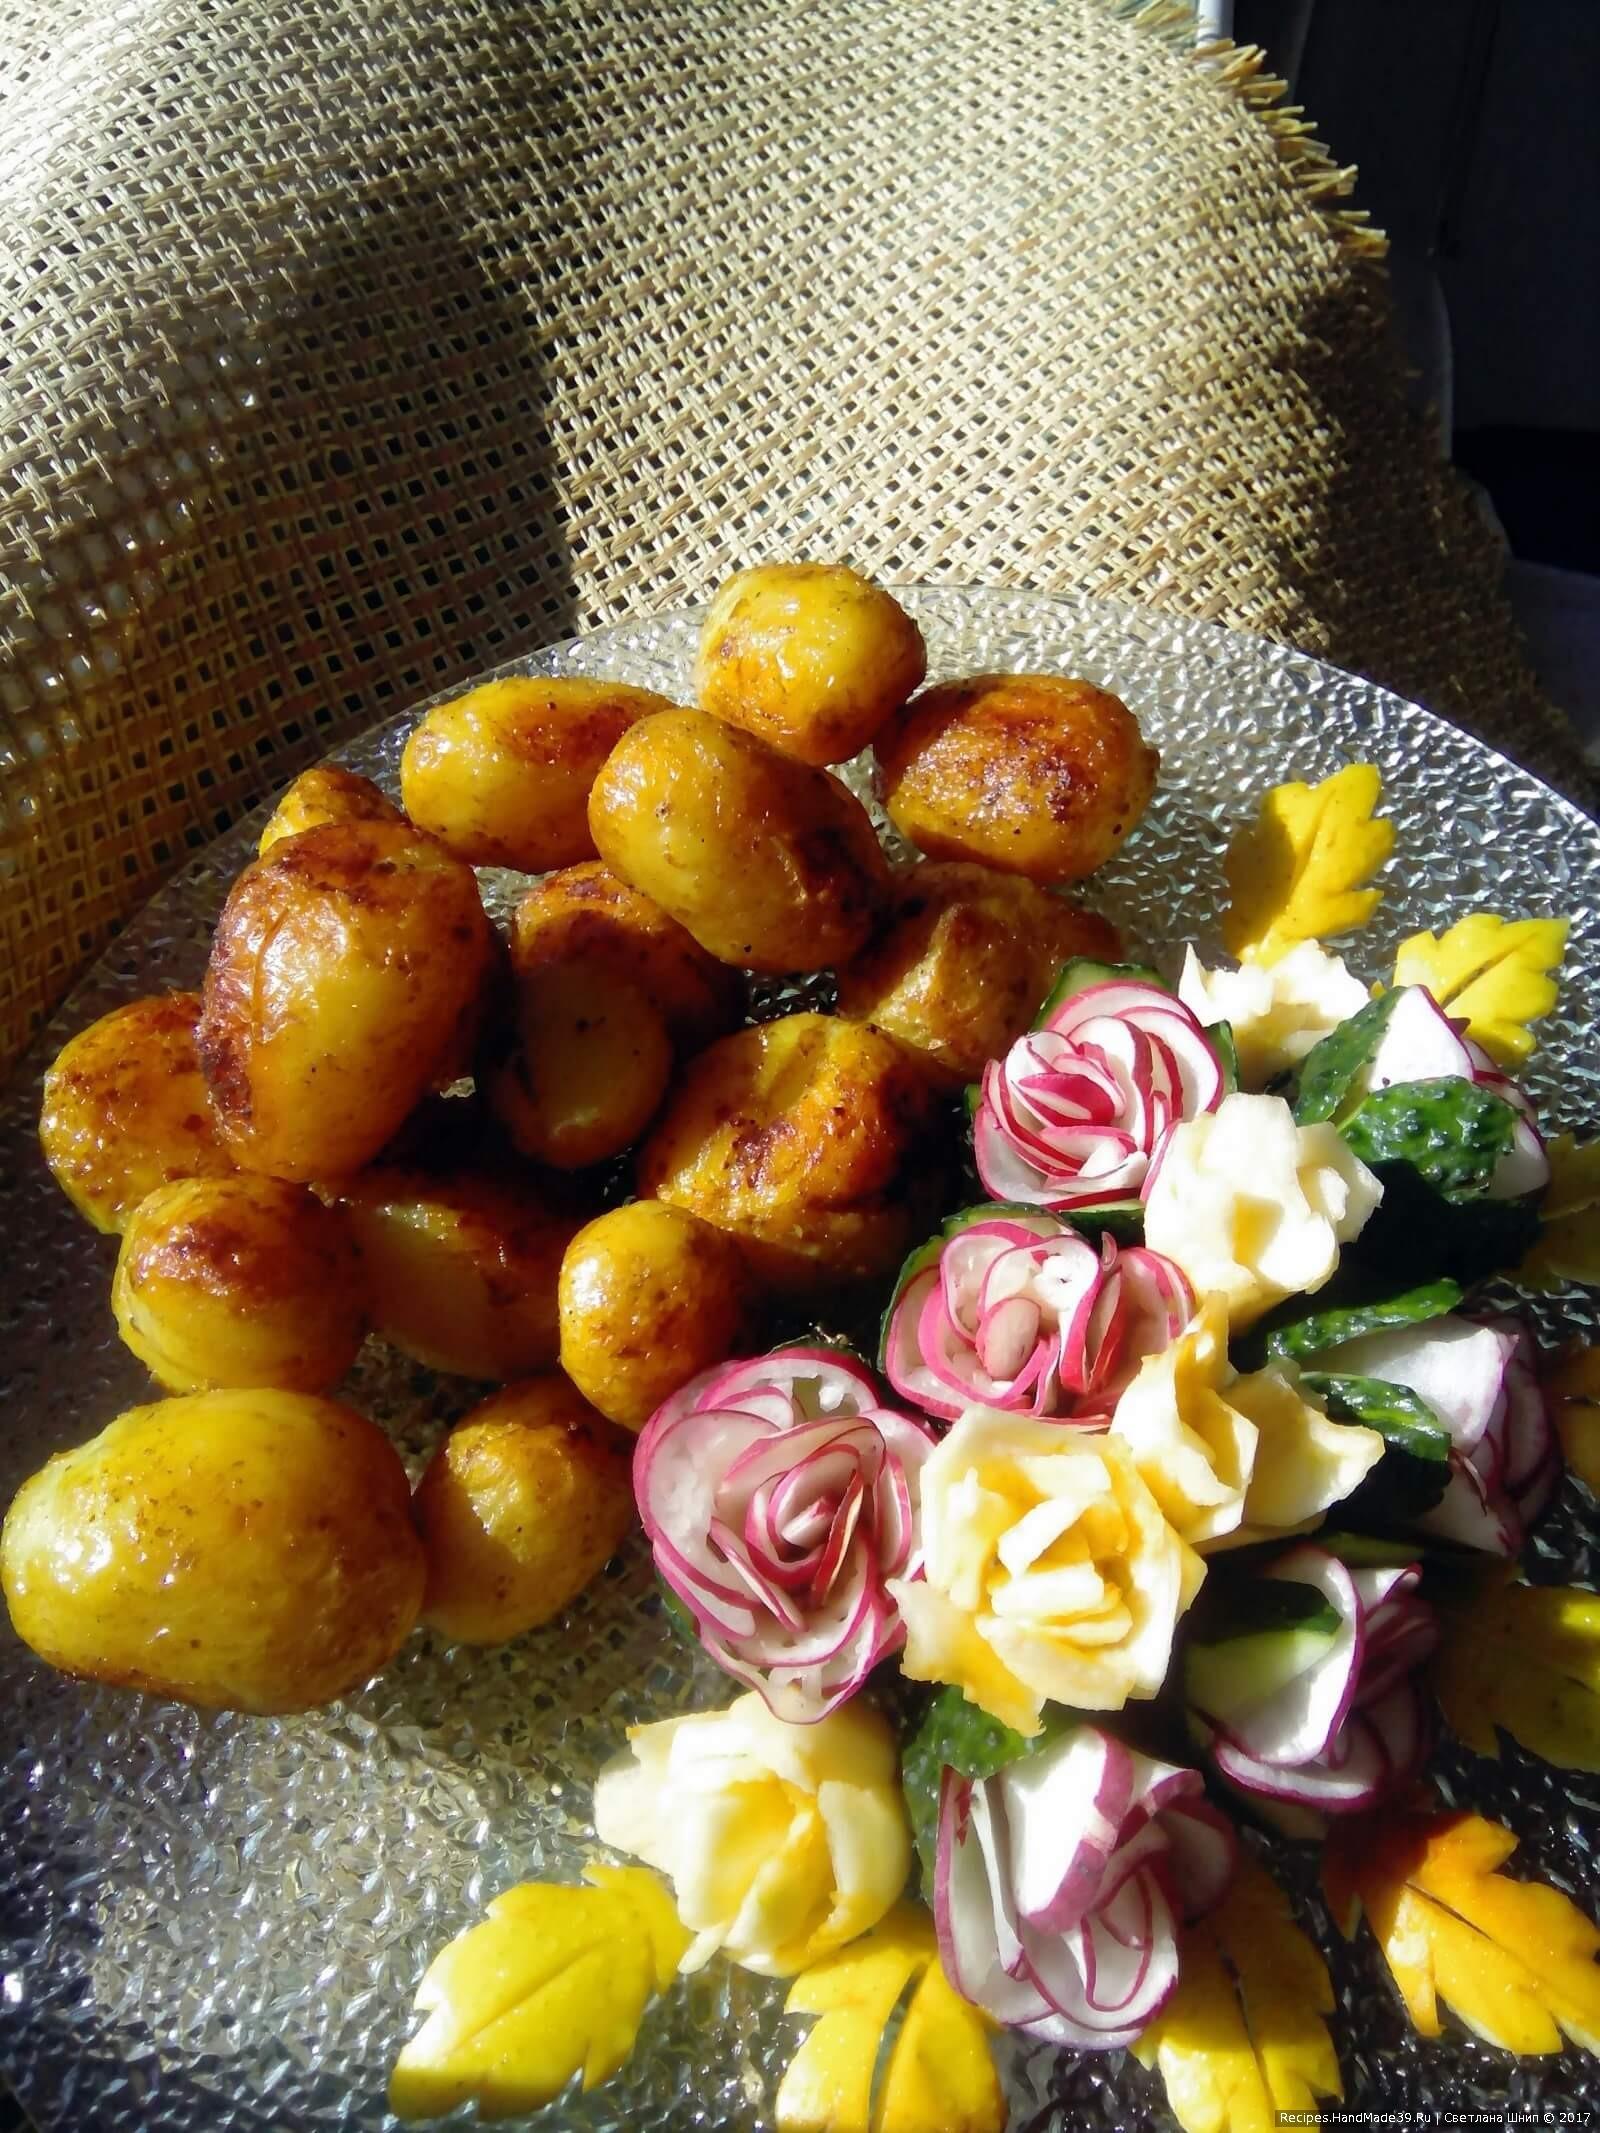 Овощи прекрасно сочетаются со сметаной, любыми соусами на основе сметаны или йогурта. Приятного аппетита!